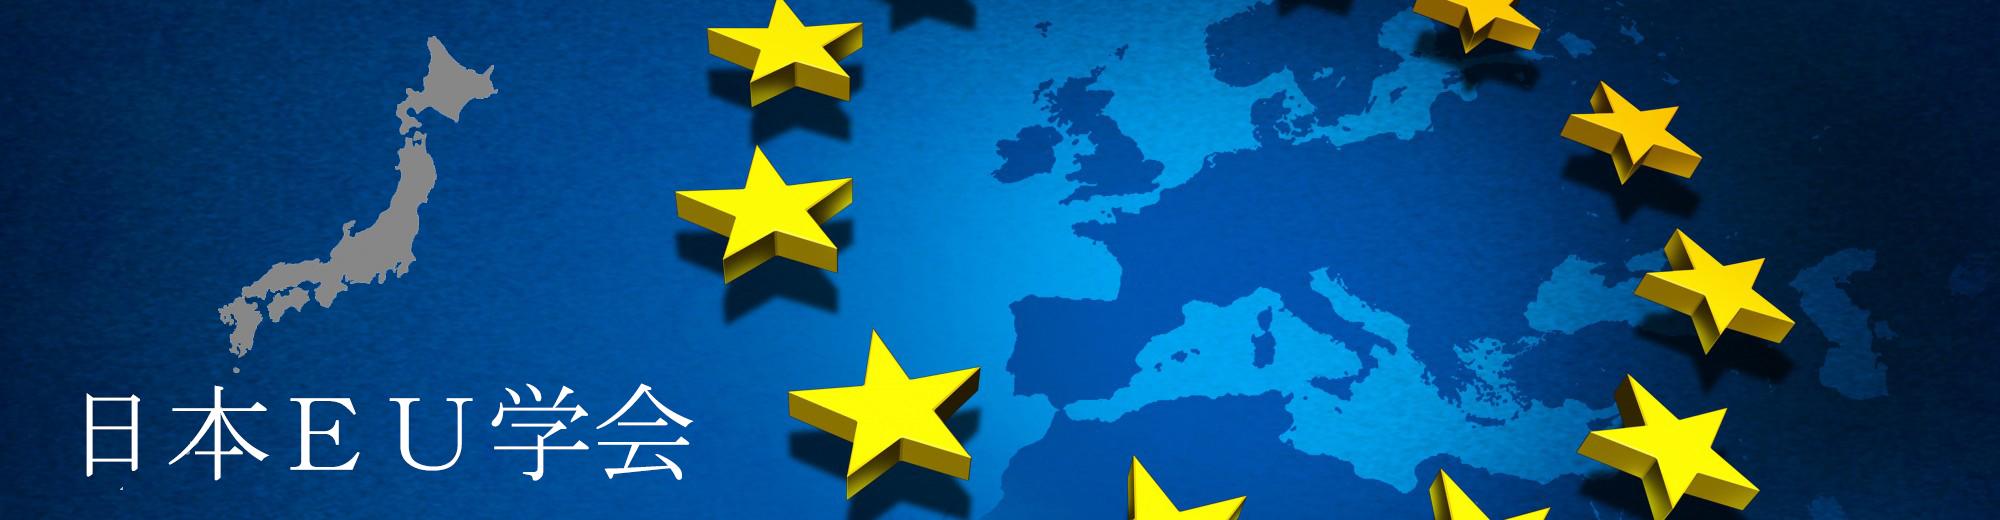 European Union Studies Association Japan